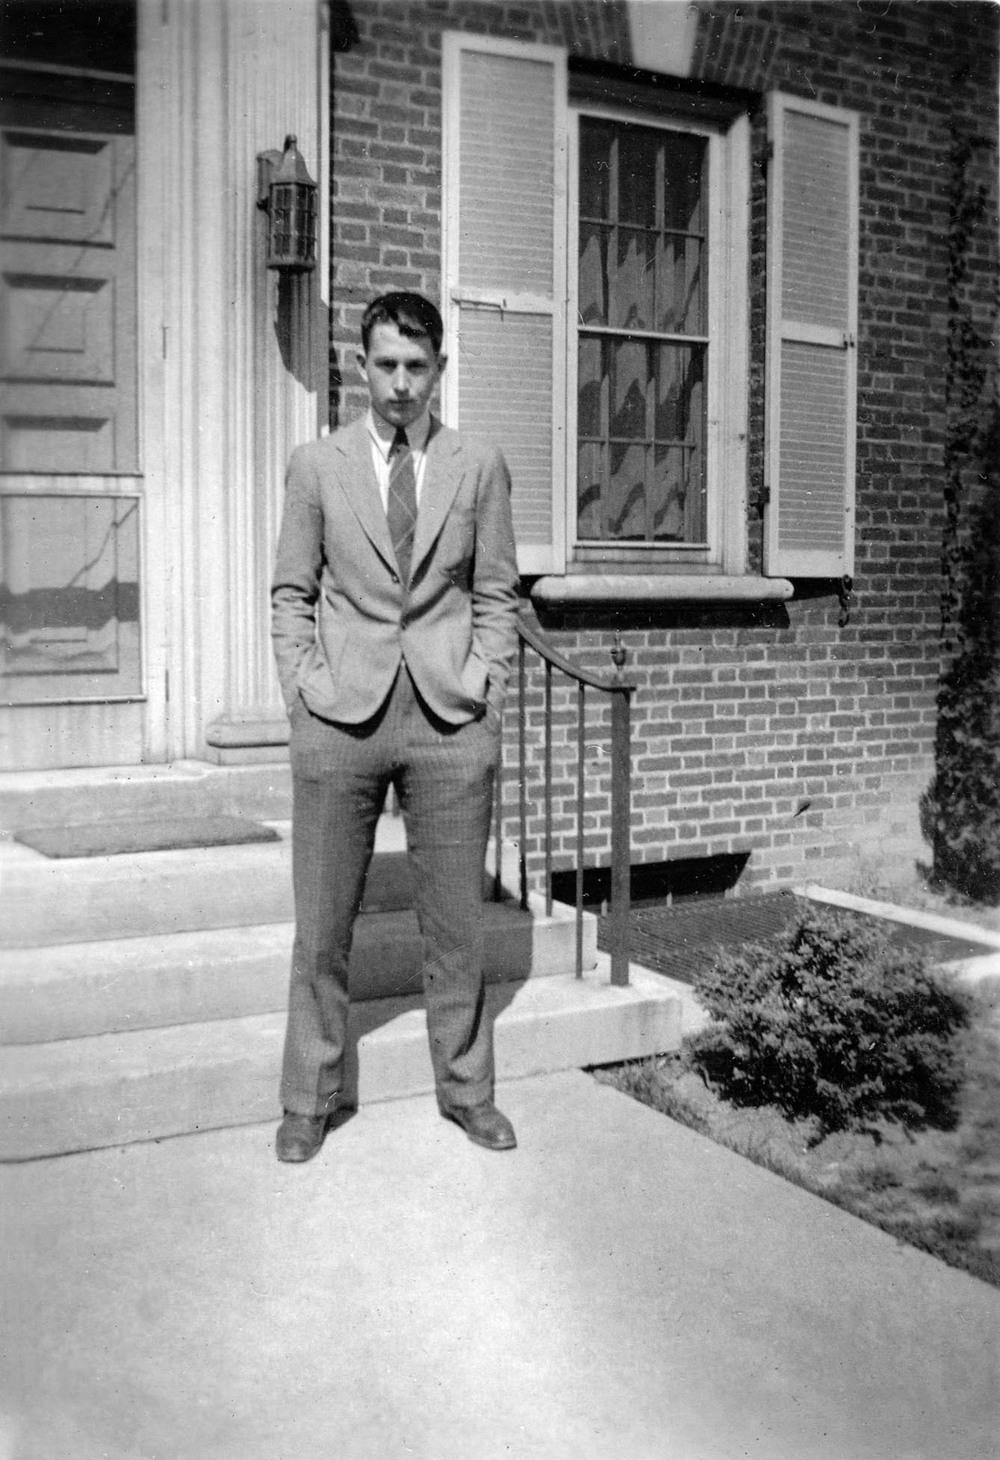 John A. Genther 1939 - Abington, PA